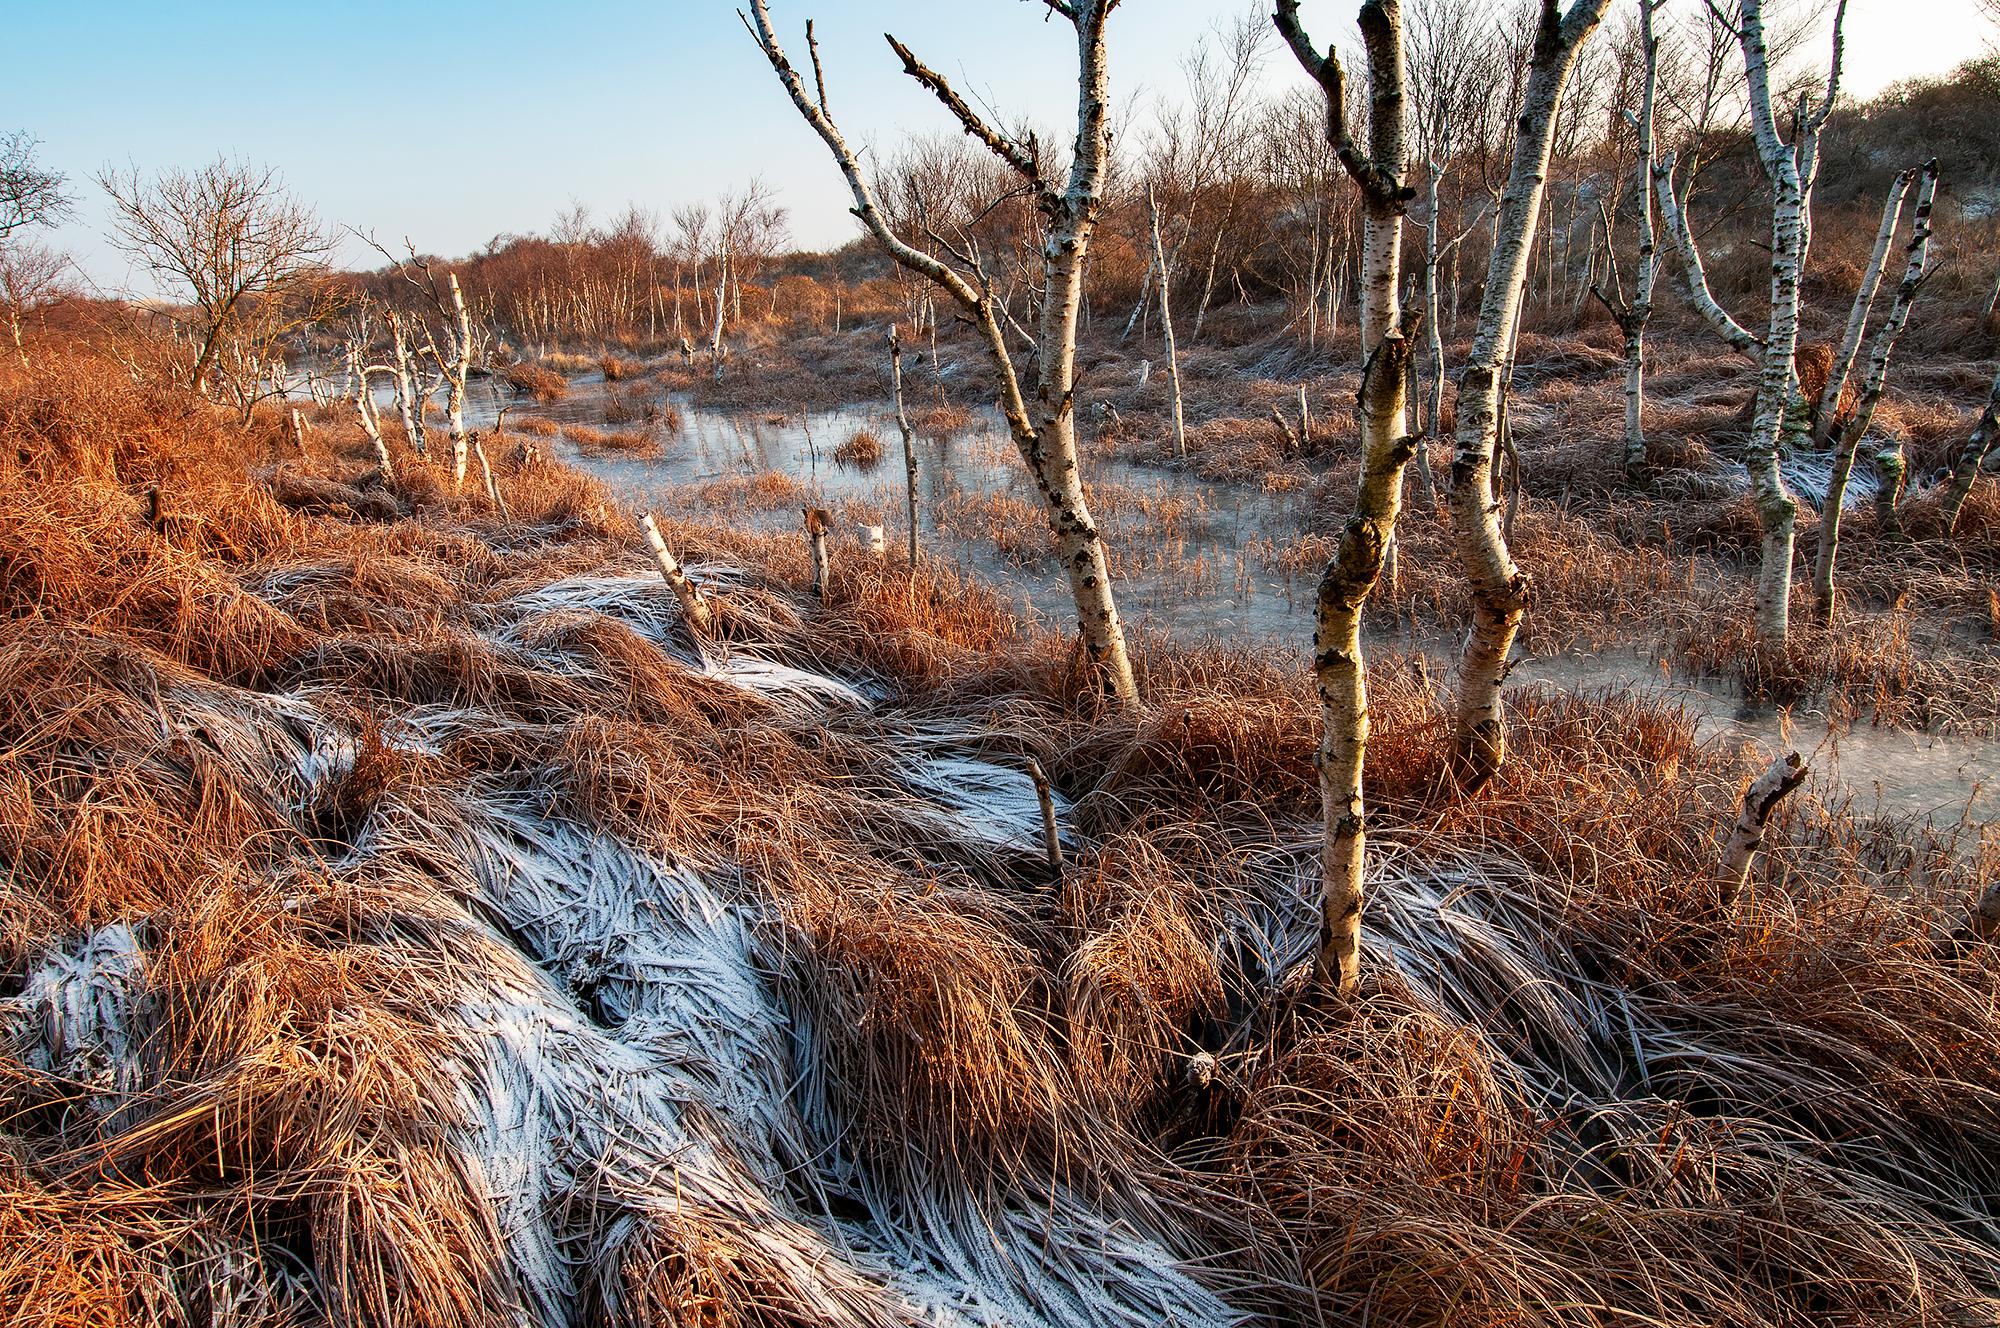 Met rijp bedekte oever van infiltratiekanaal tijdens winter in het Noordhollands Duinreservaat bij Heemskerk